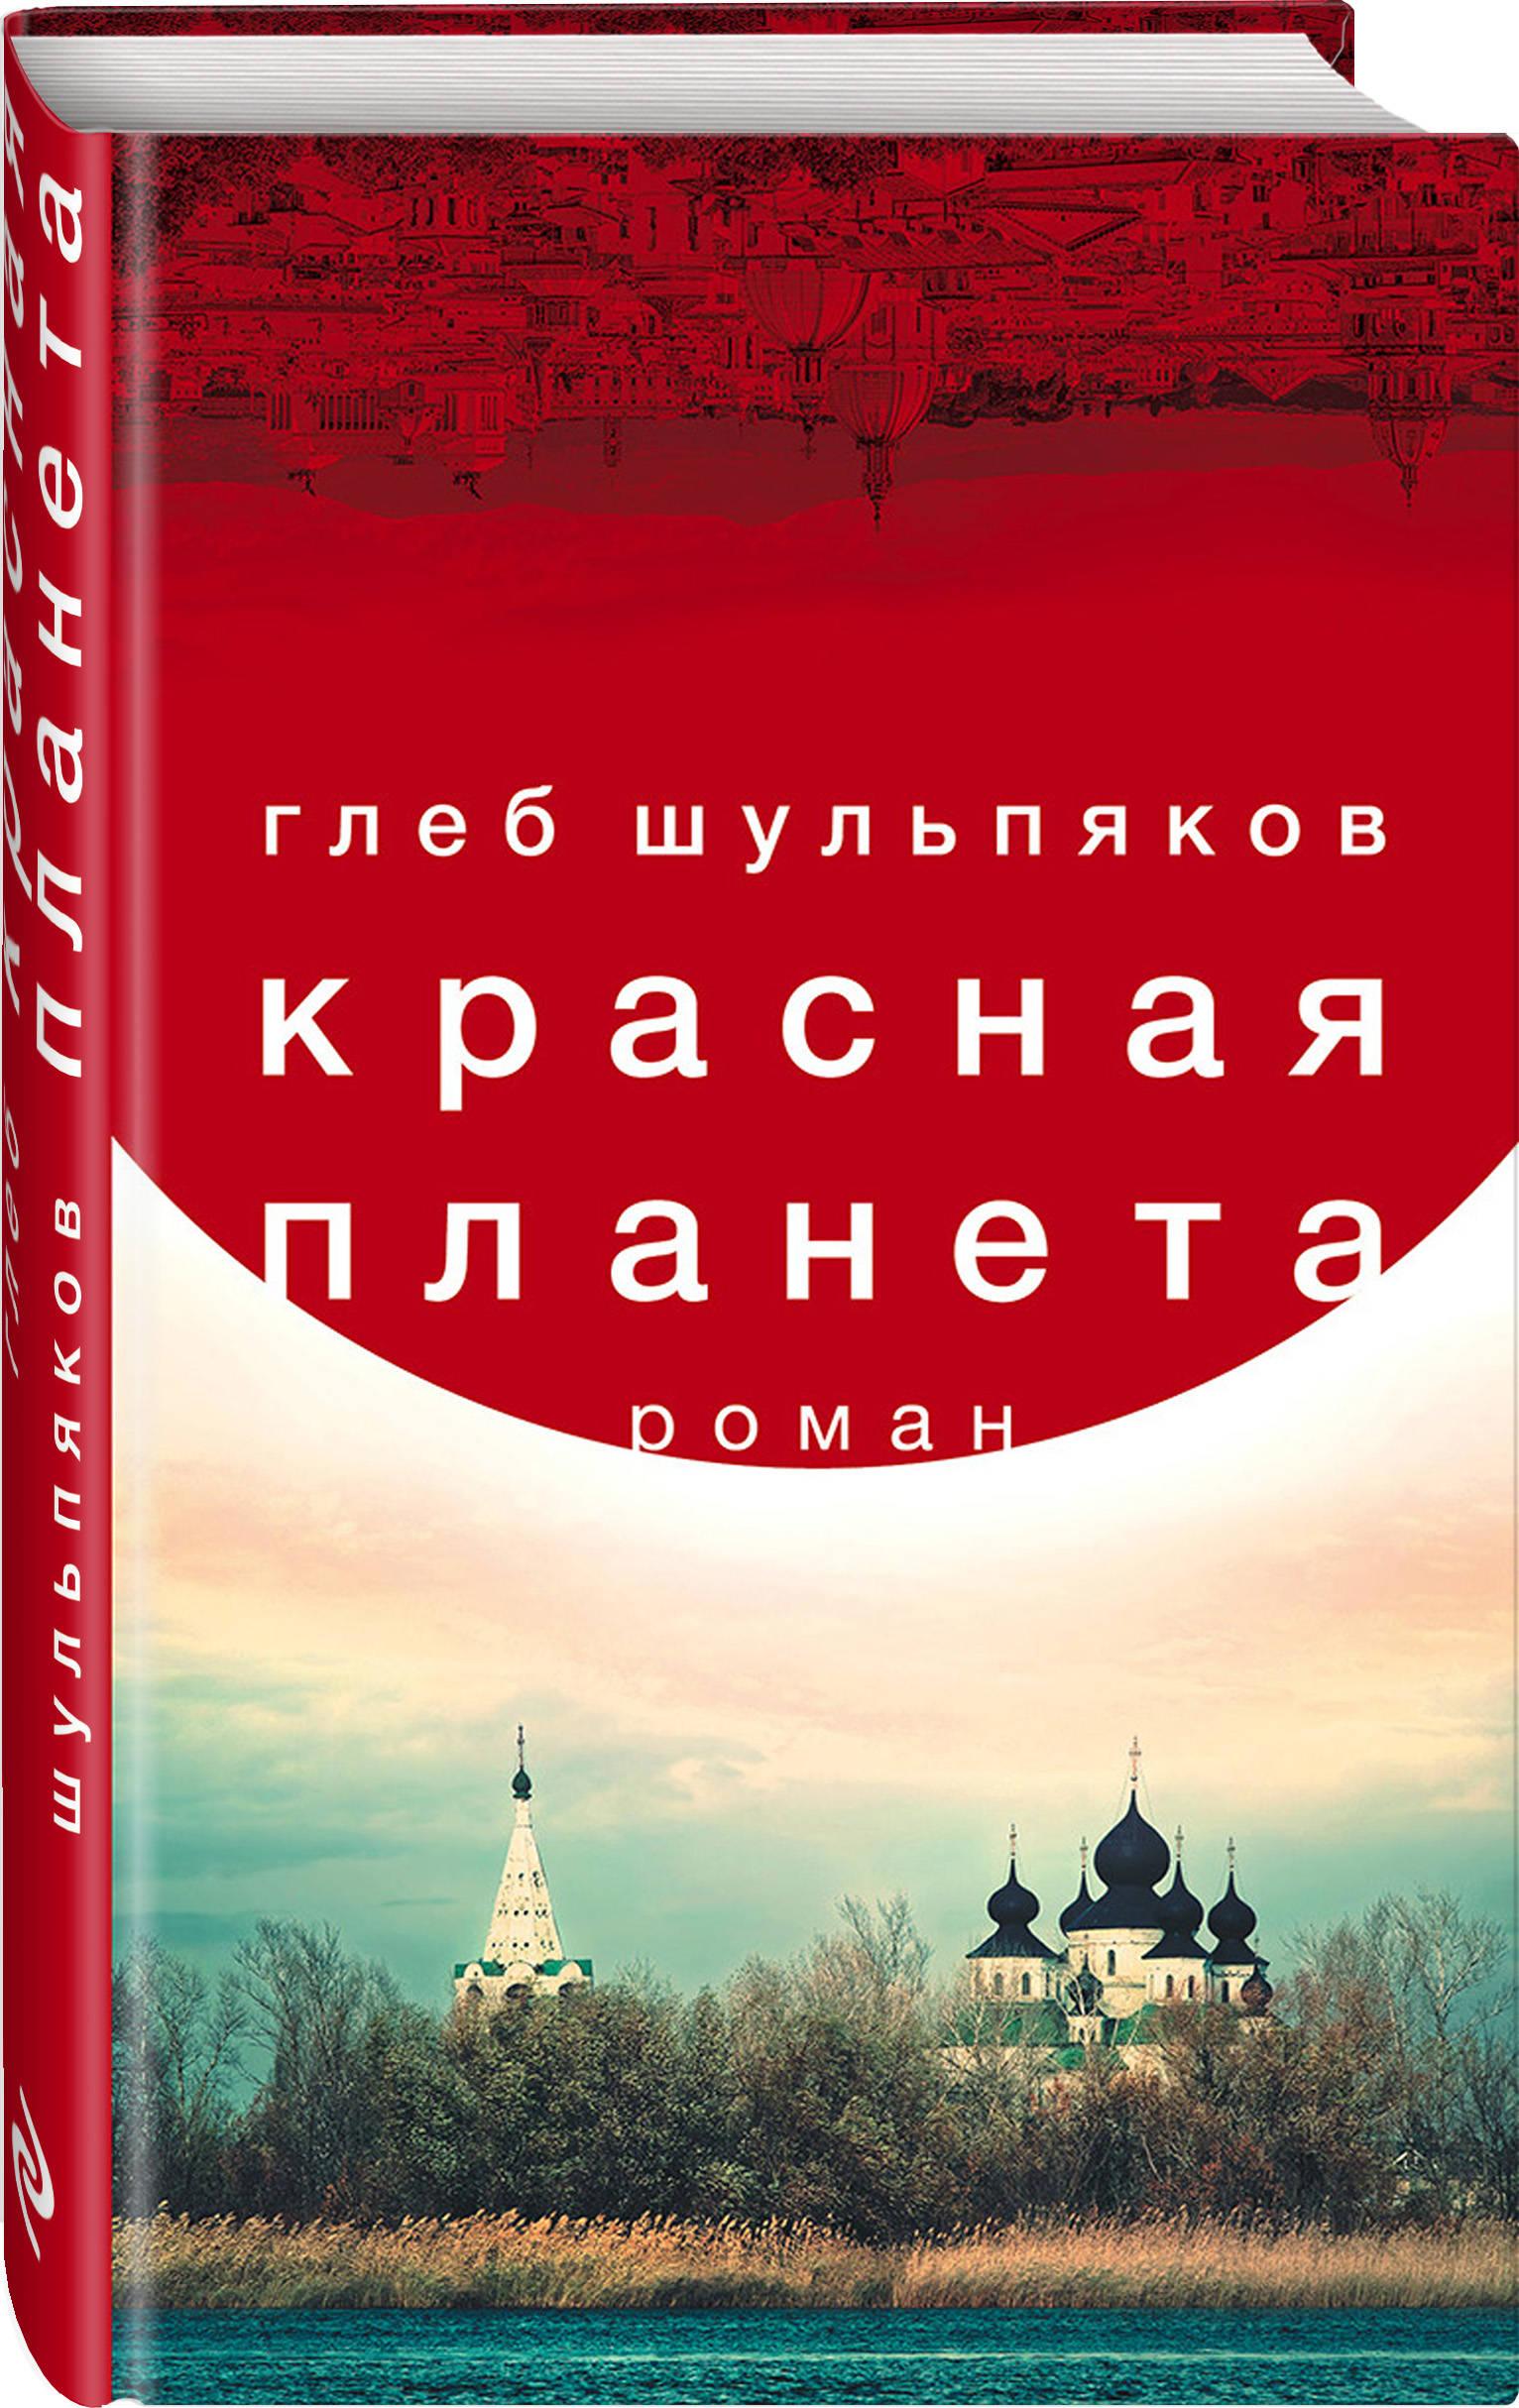 Глеб Шульпяков Красная планета глеб шульпяков книга синана сердце затемным босфором